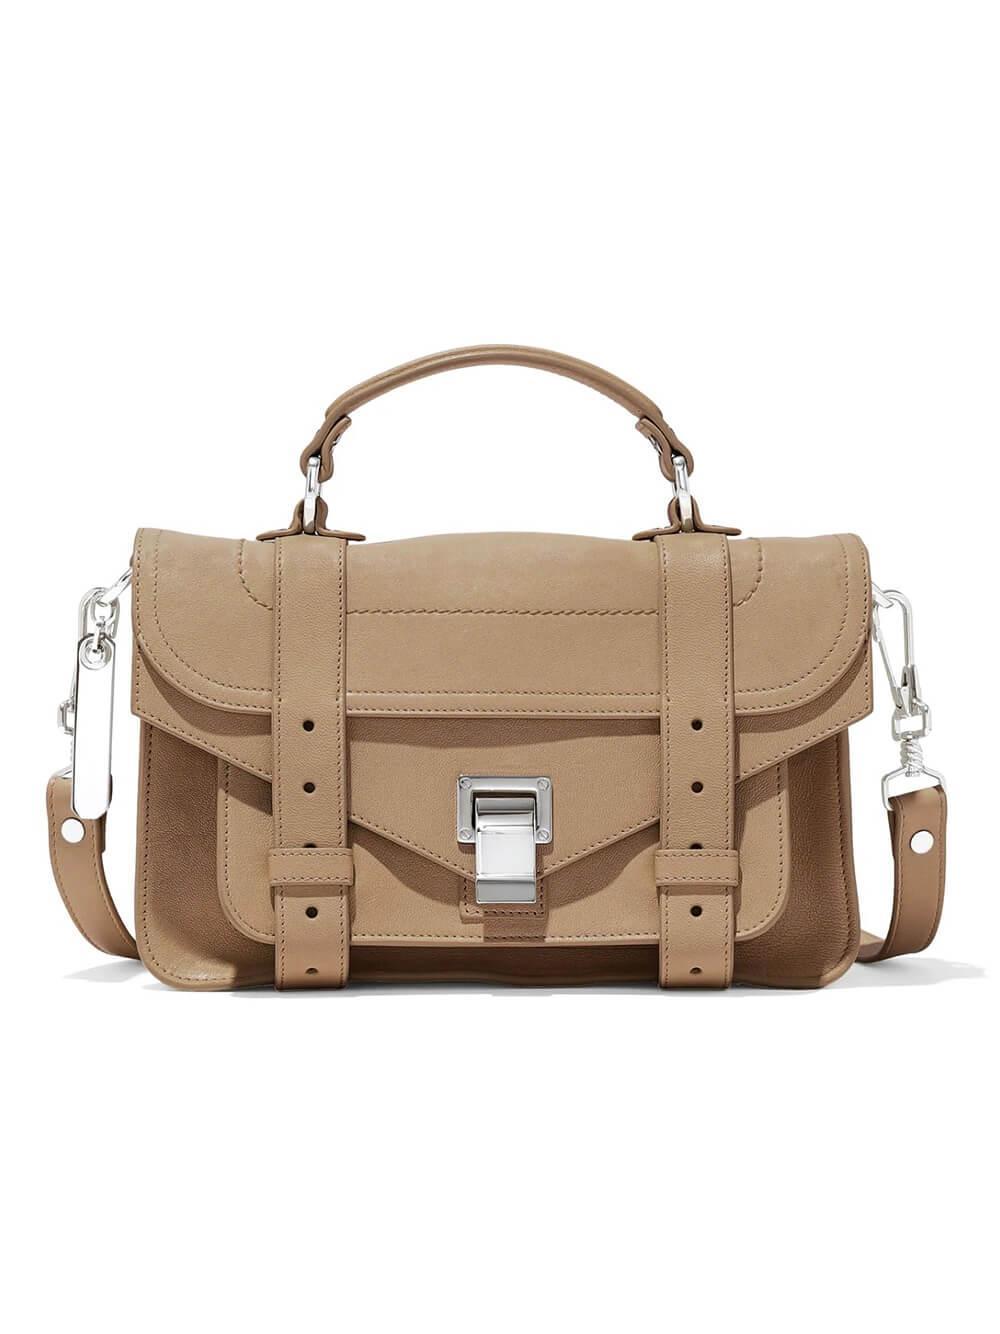 PS1 Tiny Bag